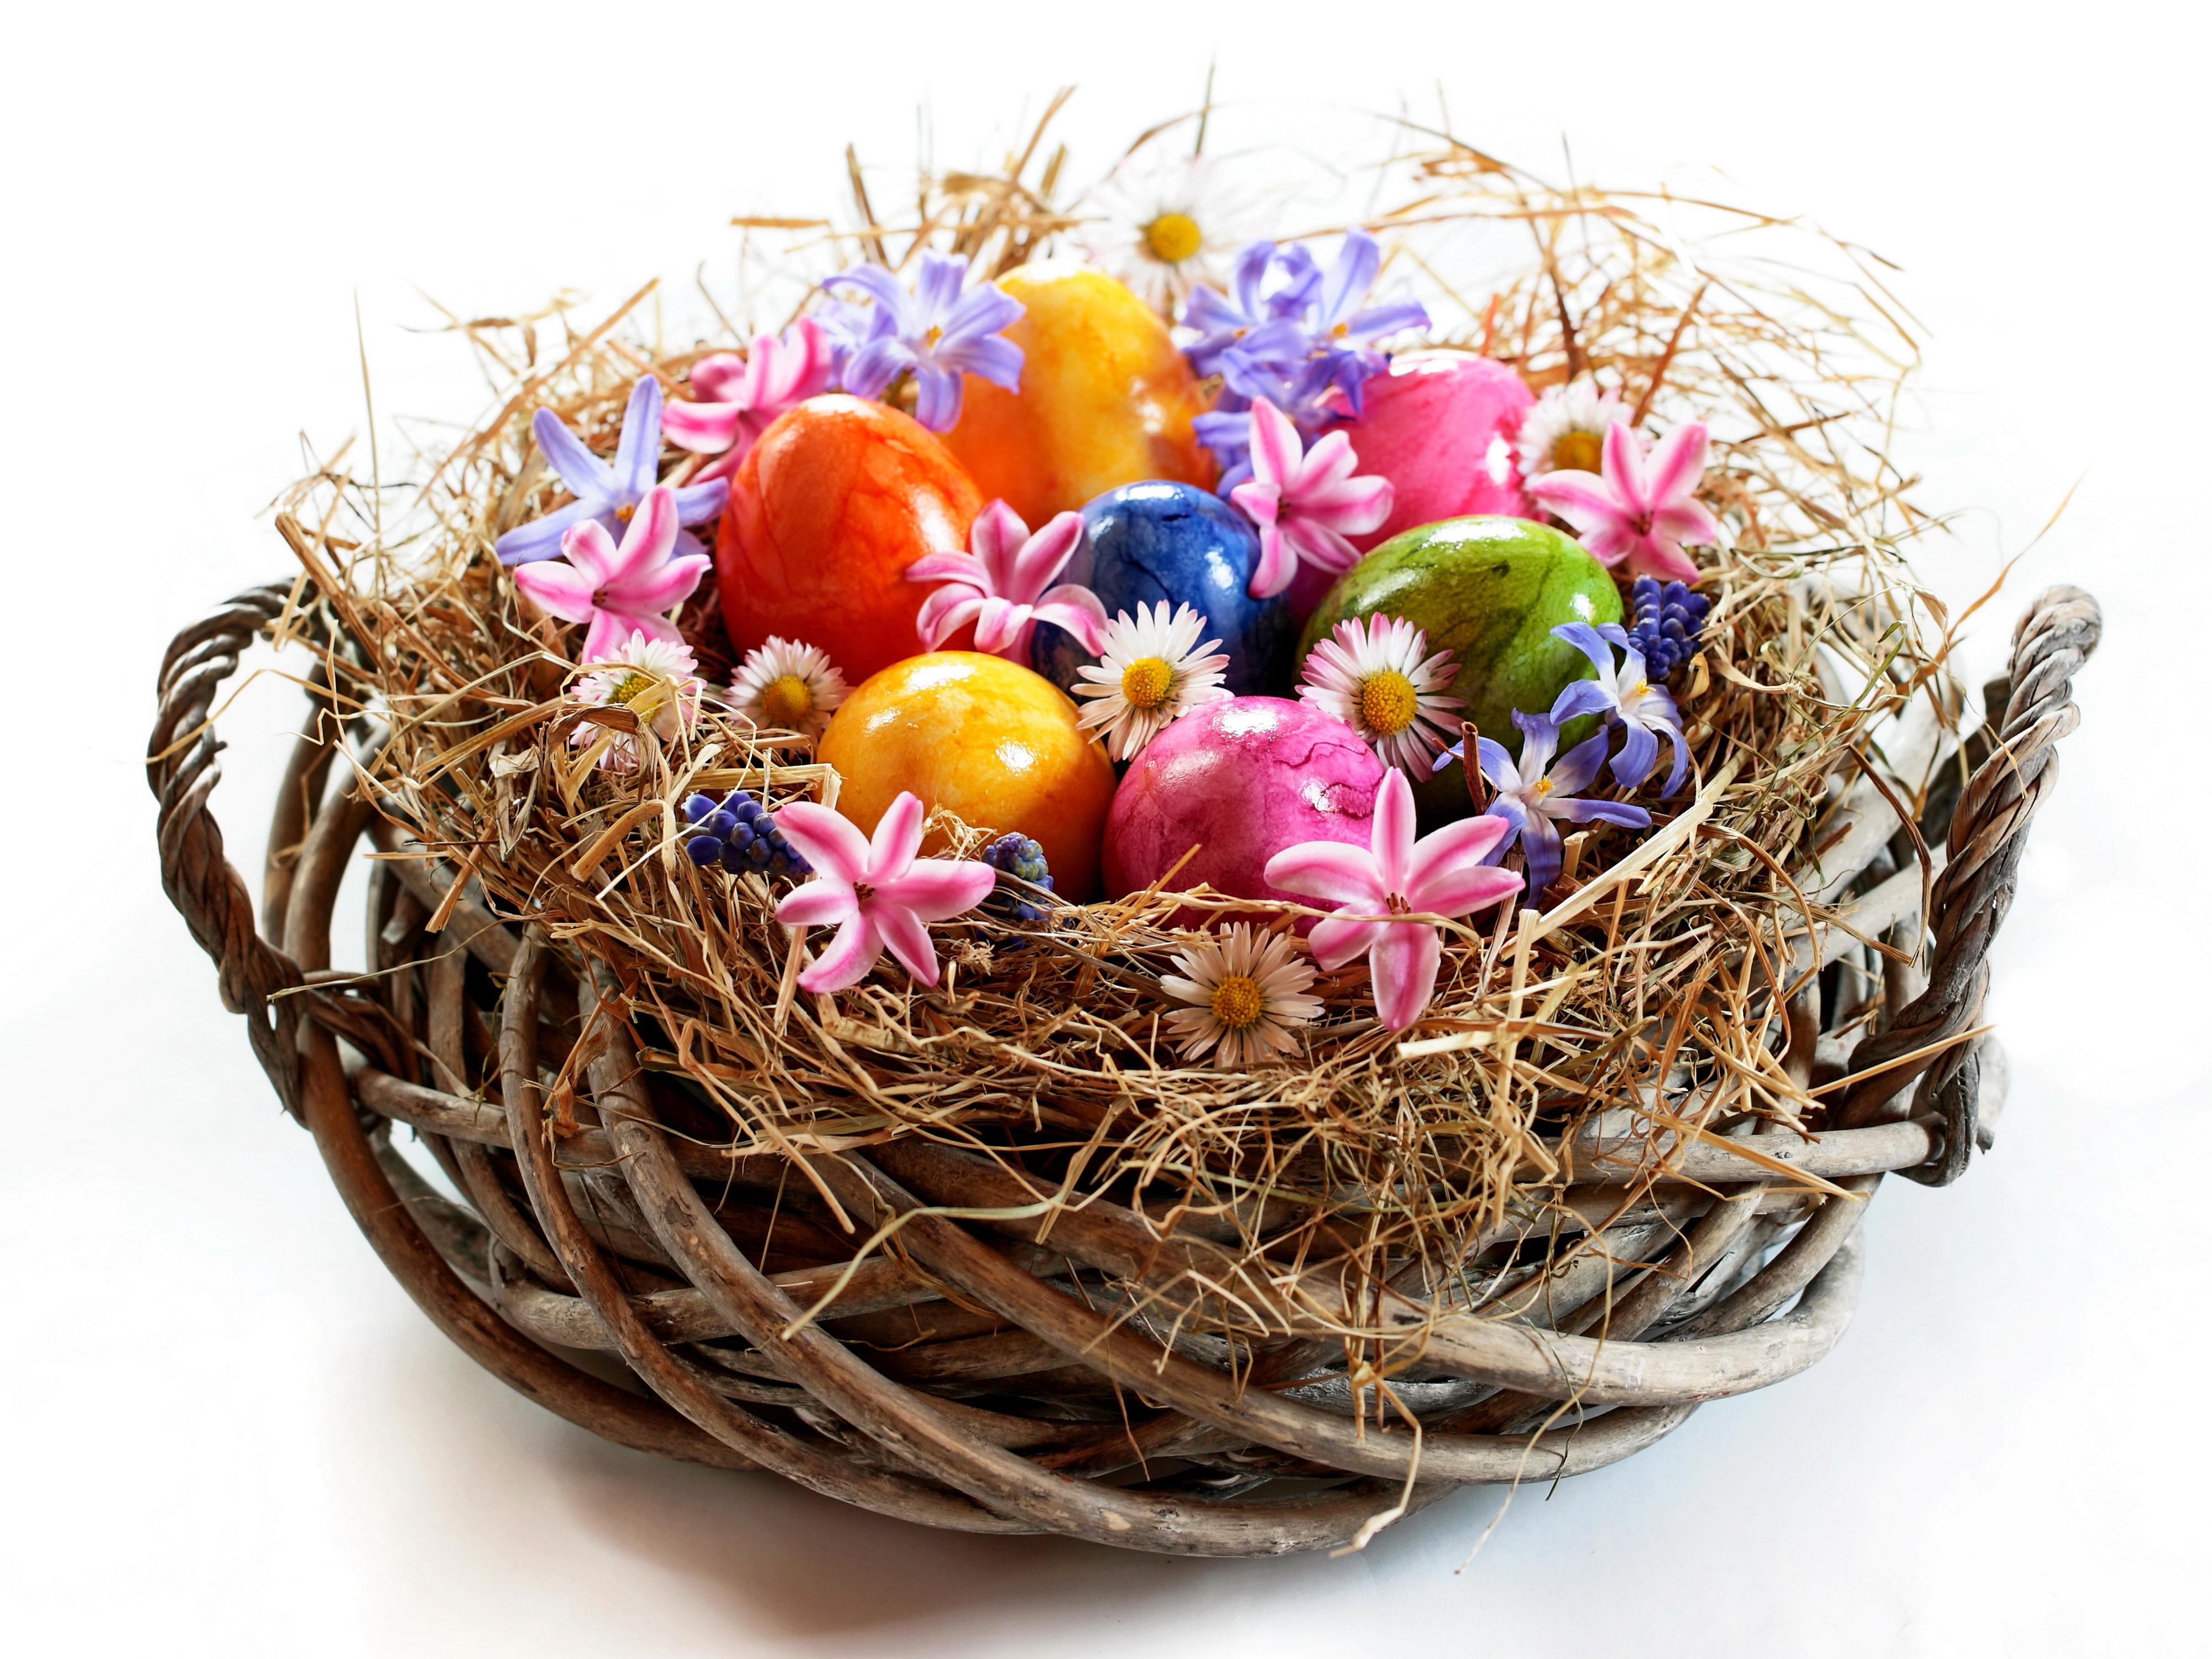 пасха яйца корзина  № 3923000 бесплатно